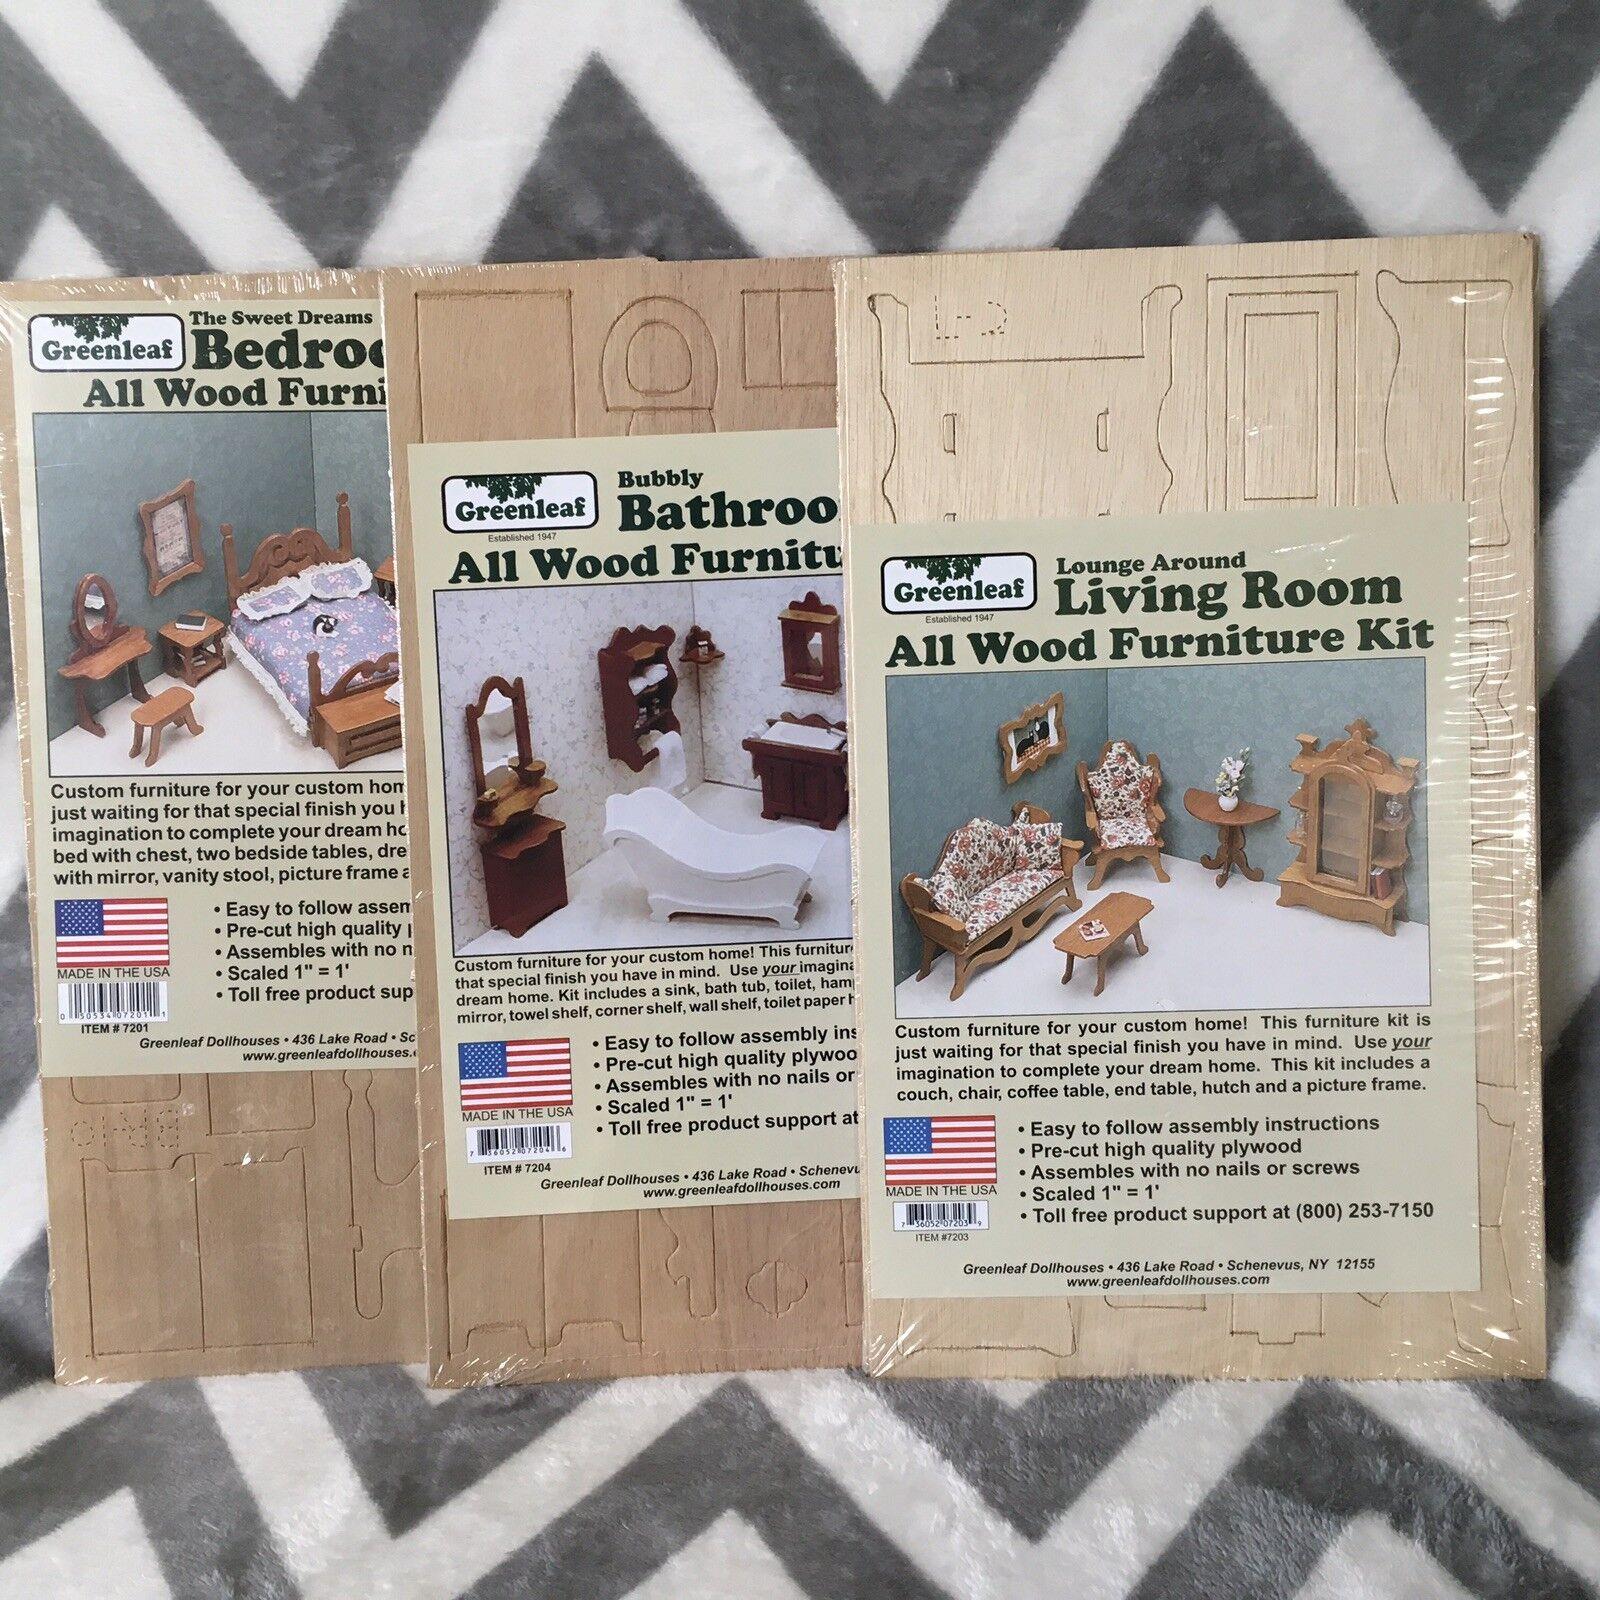 Lote de 3 Nuevo Kit verdeleaf casa De Muñecas Muebles De Madera Dormitorio Baño Salón